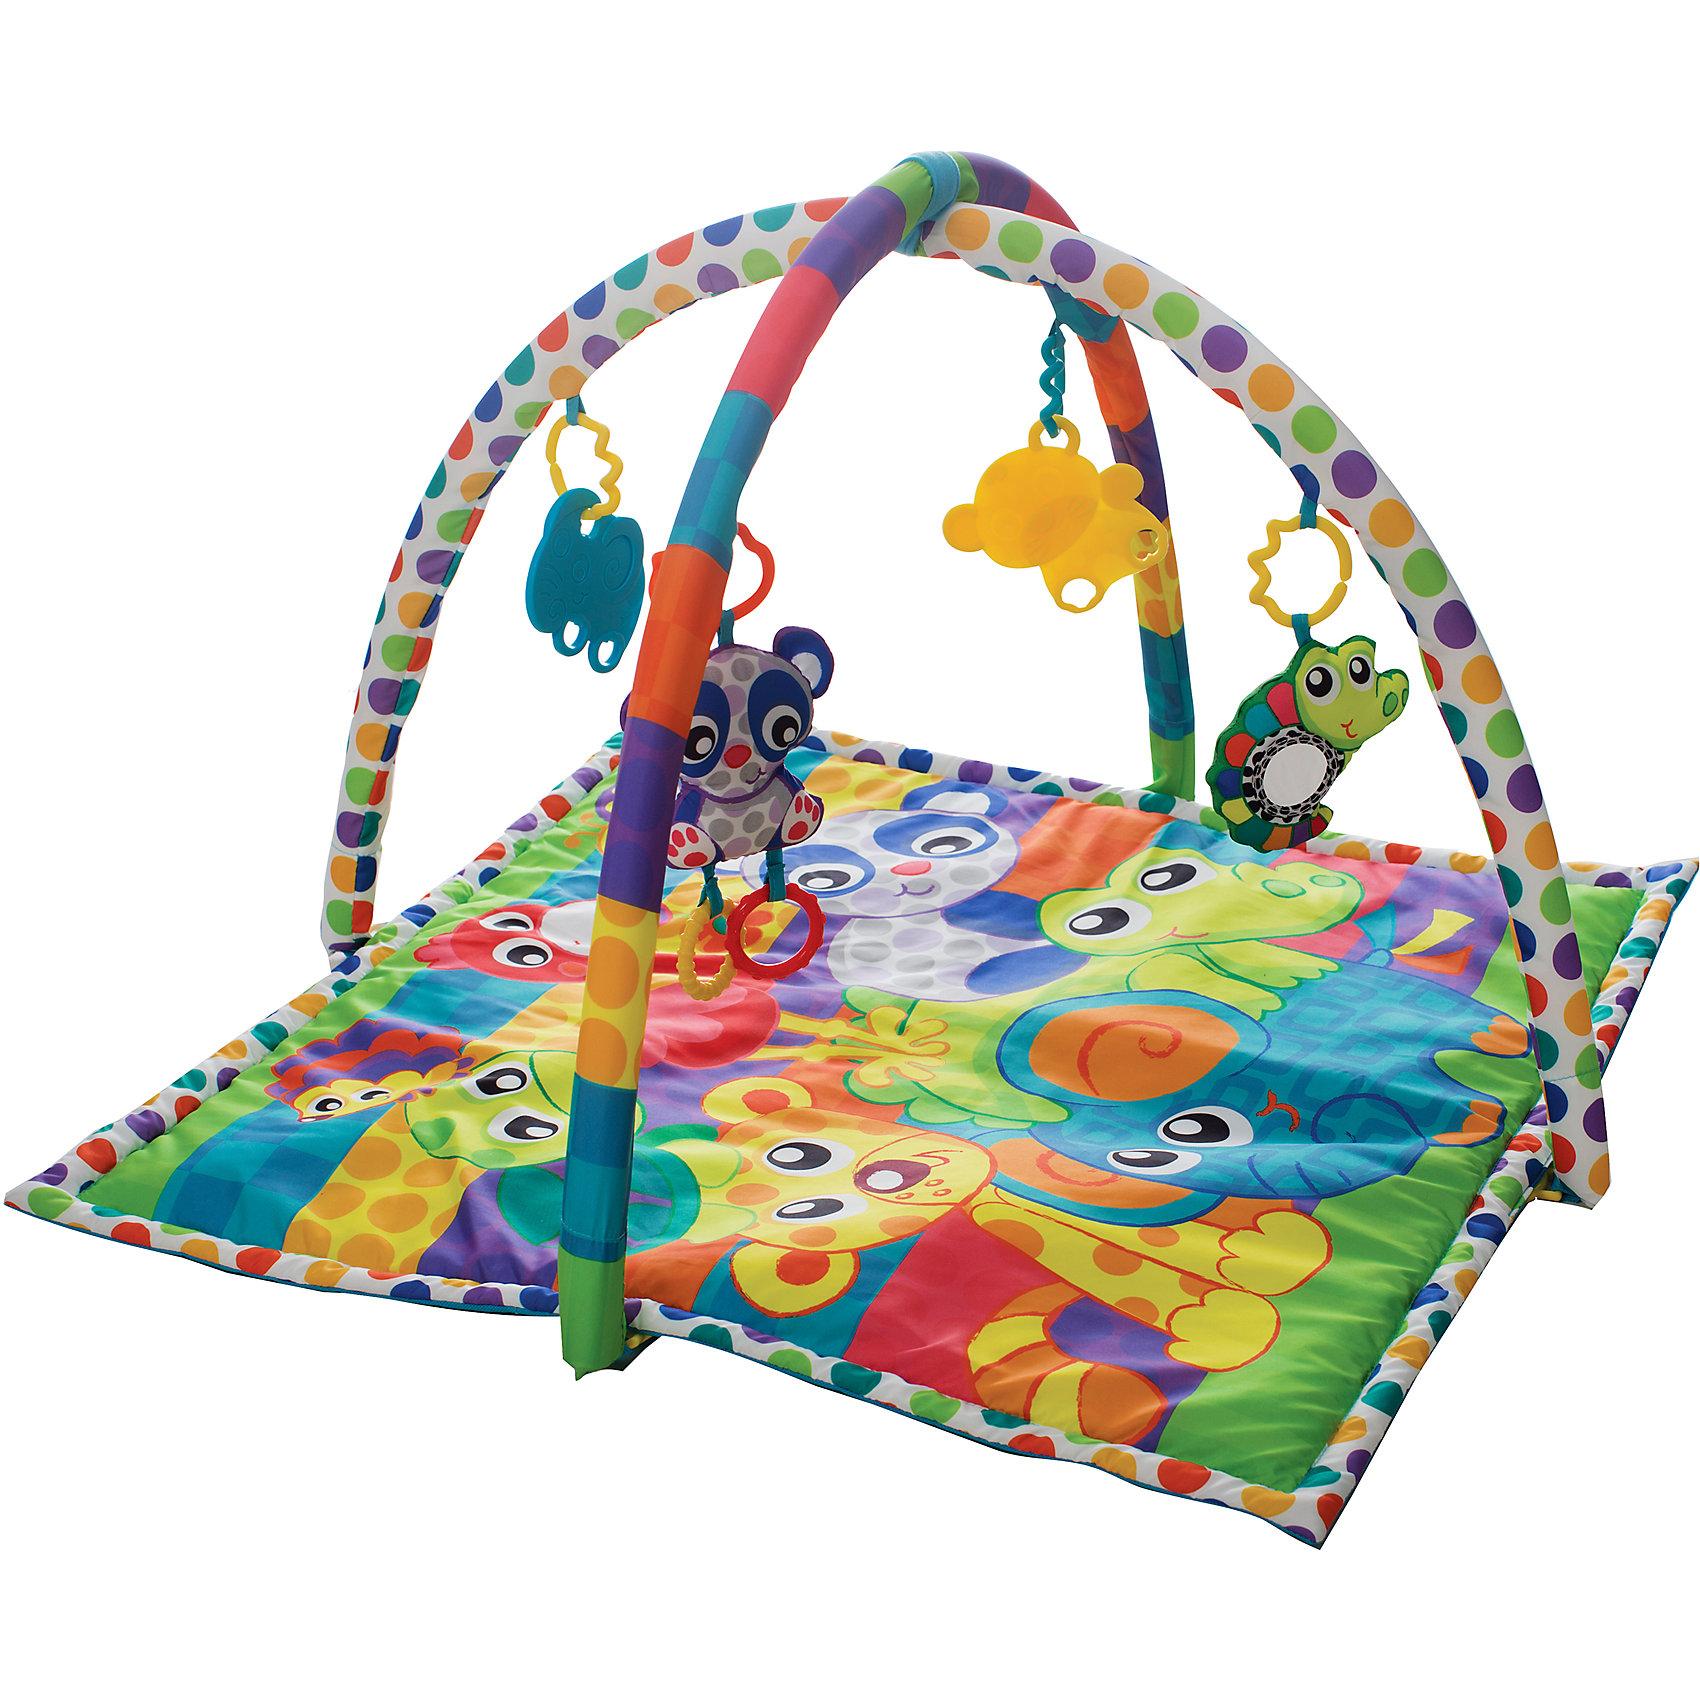 Playgro Игрушка активный центр В мире животных, Playgro игрушка для животных каскад удочка с микки маусом 47 см